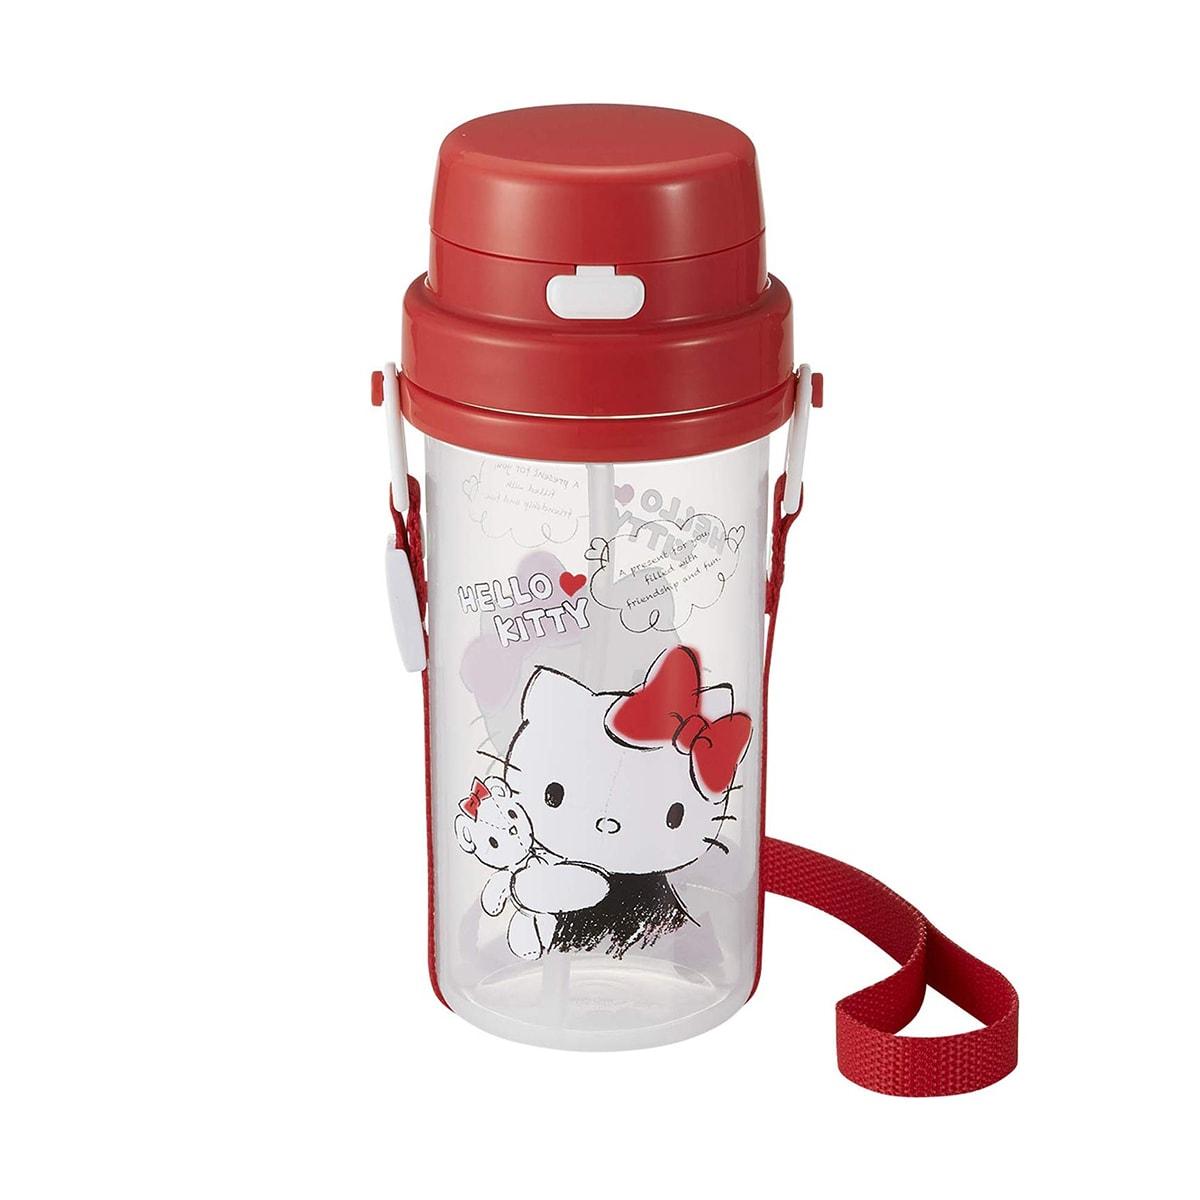 日本OSK Hello Kitty 凯蒂猫 儿童 超轻 一键式 吸管水杯 (包括背带) 370ml 怎么样 - 亚米网